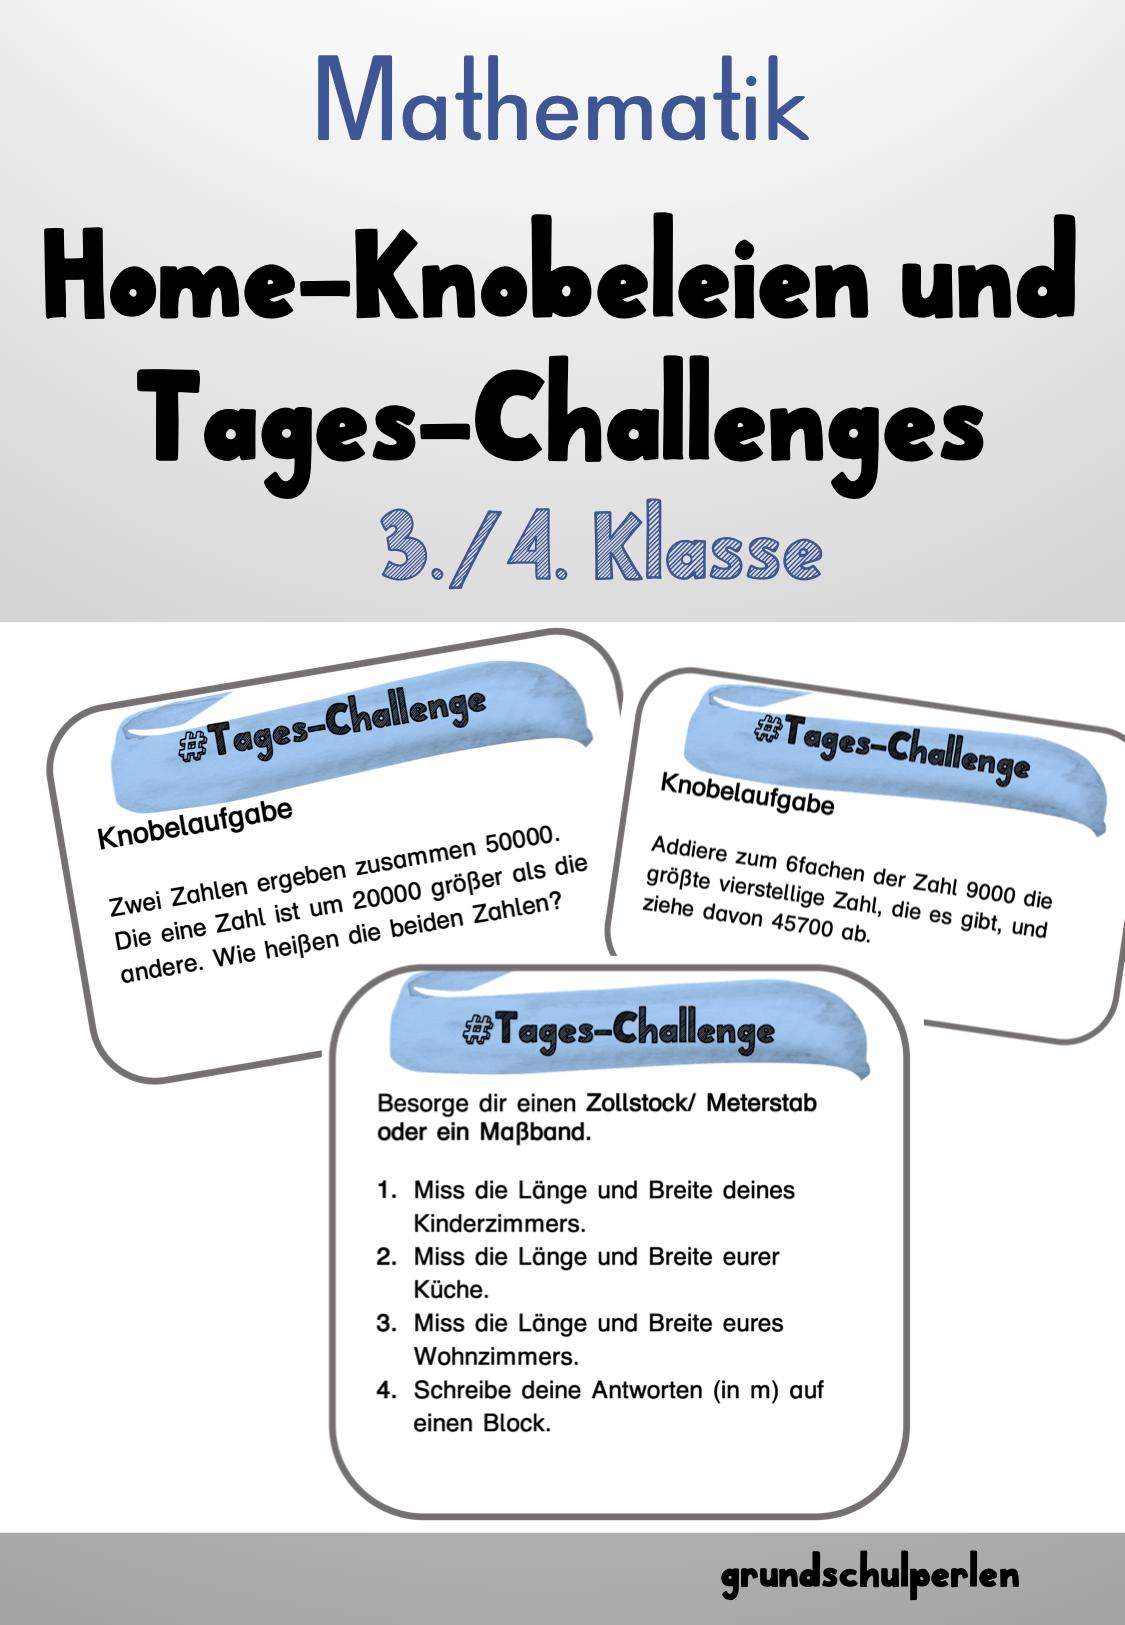 Mathe Knobeleien Fur Zuhause Homeschooling Klasse 3 4 Unterrichtsmaterial Im Fach Mathematik Matheaufgaben Mathe Mathematik